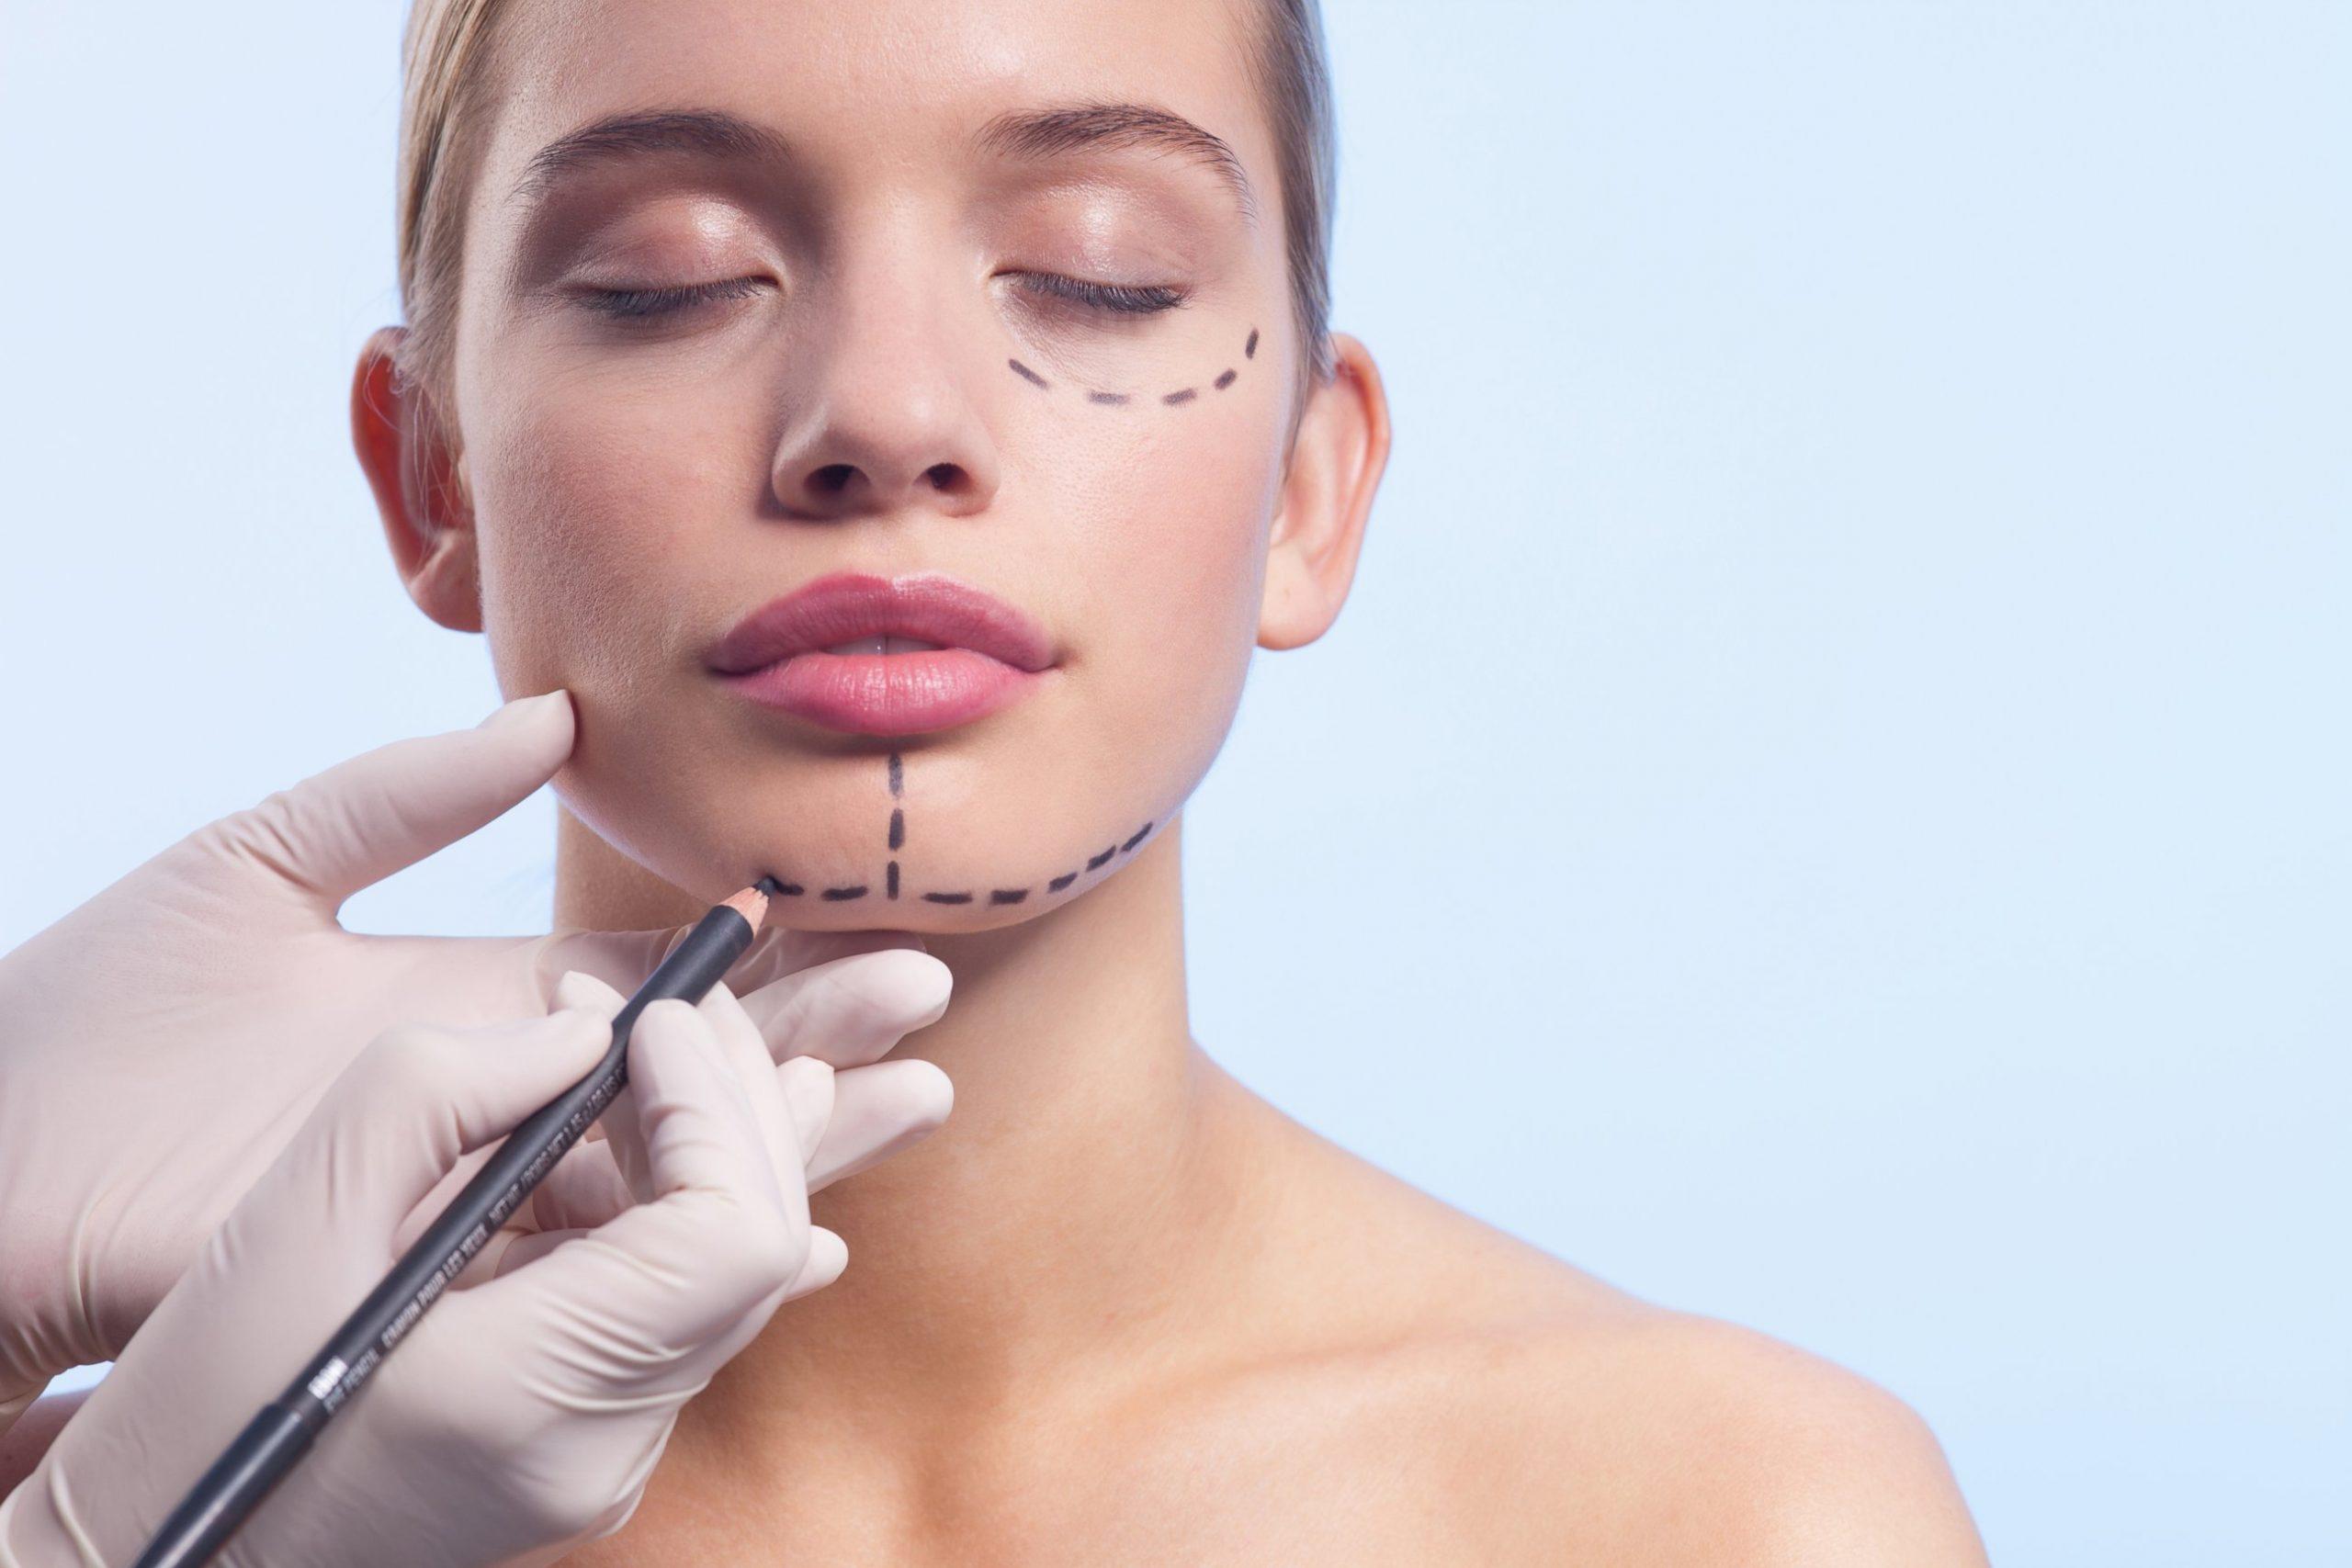 chirurgia estetica dopo divorzio